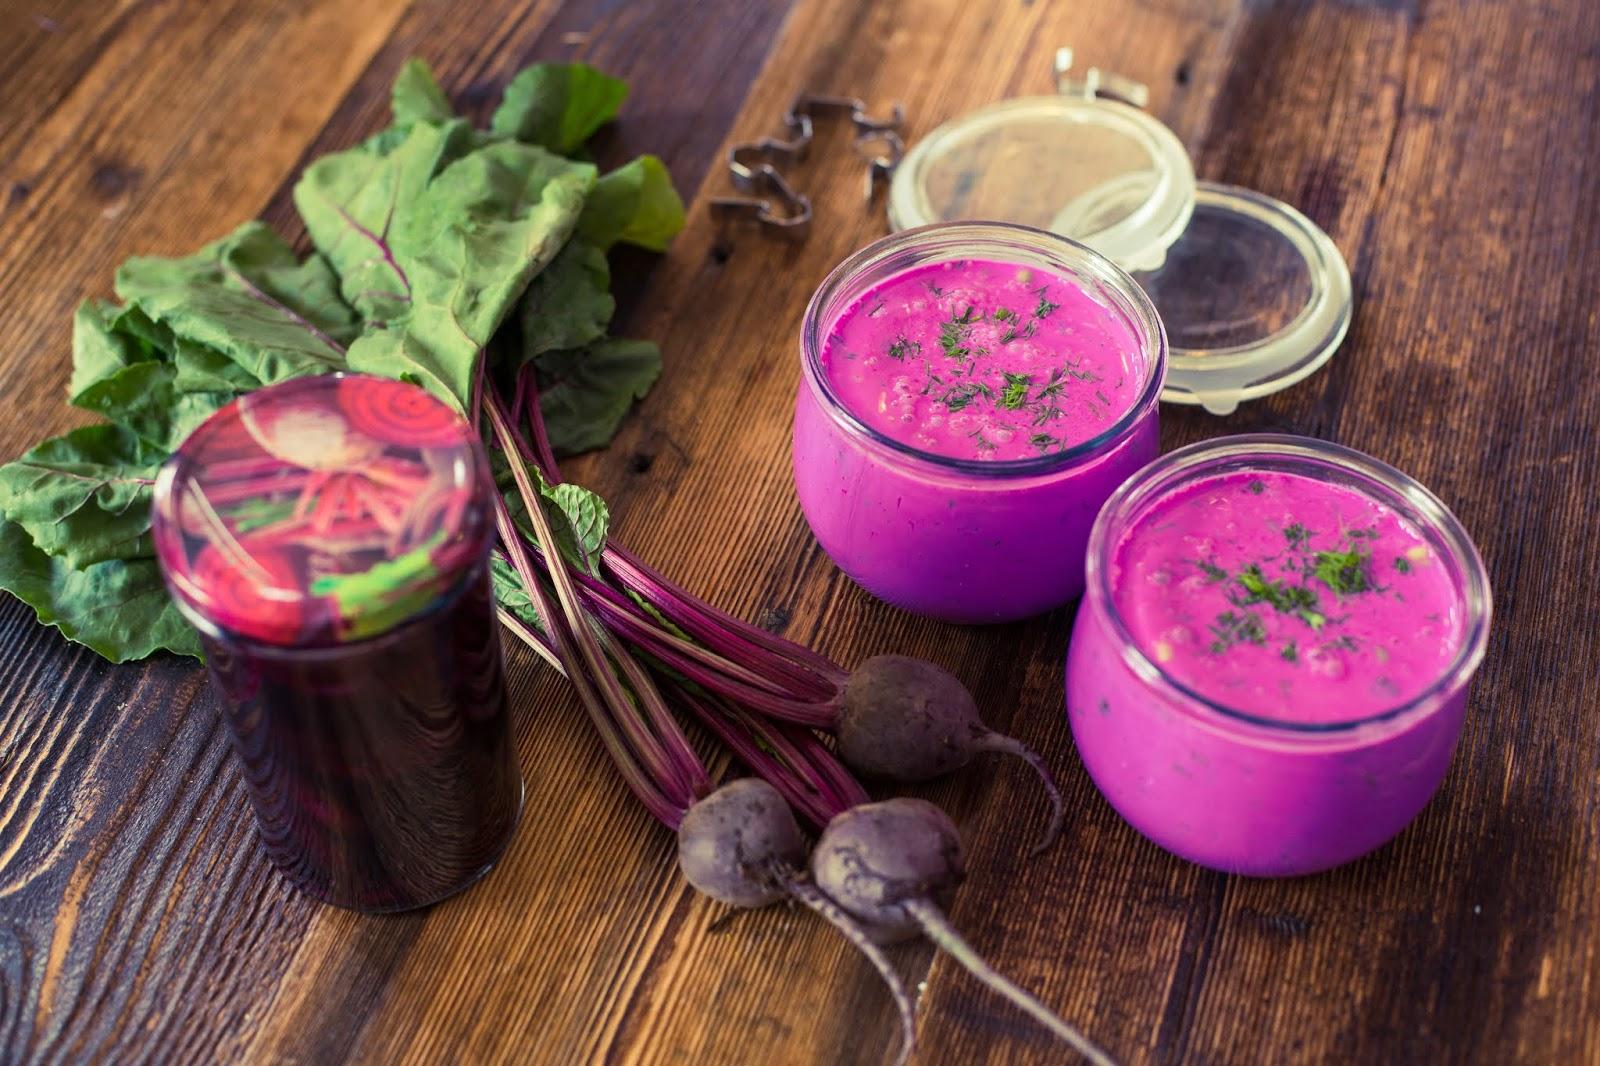 przepis na chłodnik z kiszonych buraków zupy idealne na upał ciepłe dni przeis na jogurt kiszone buraki kiszonki